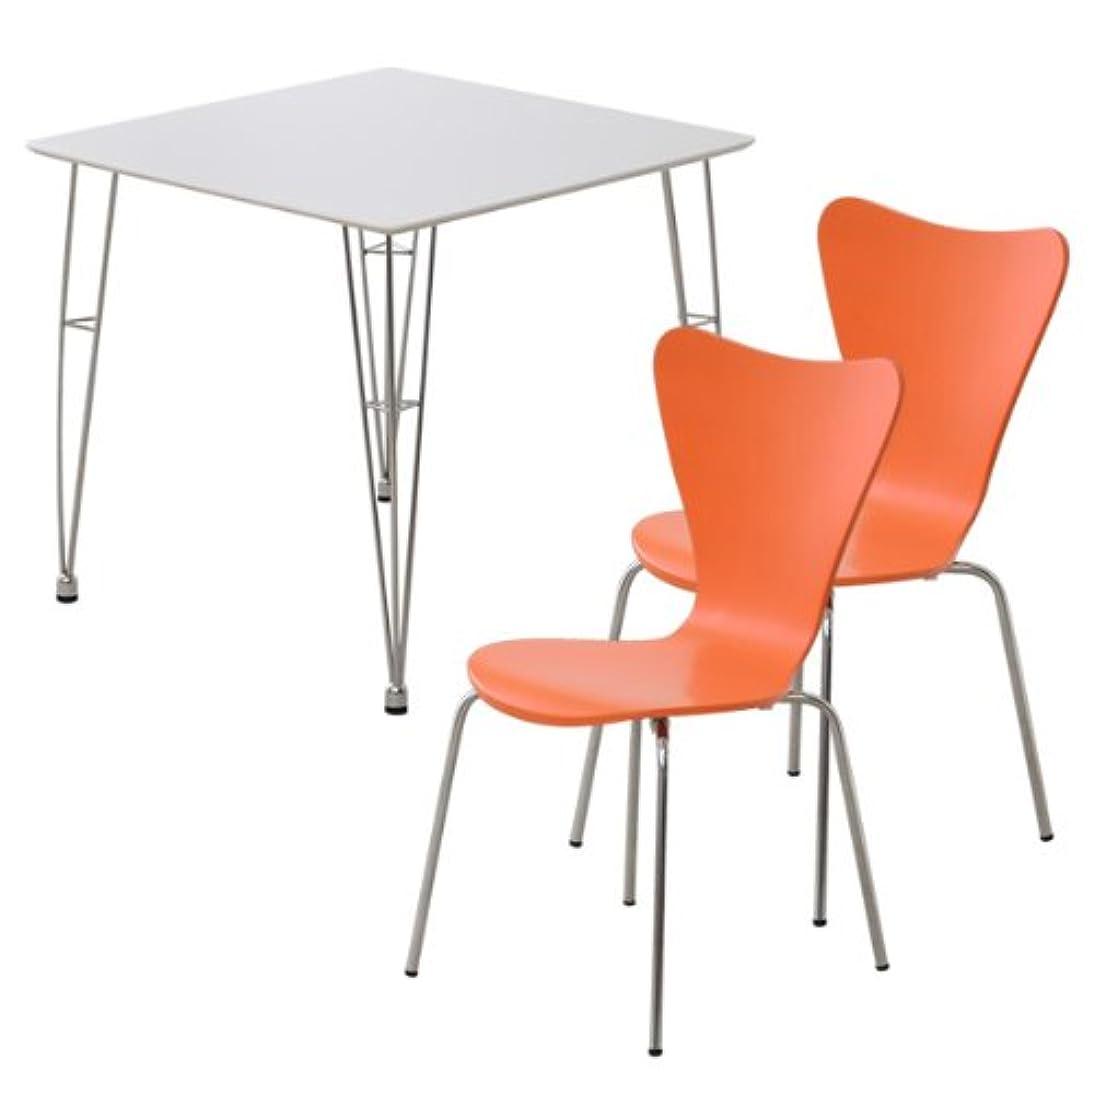 パケットドル軍隊おしゃれでシンプル!ダイニング3点セット(テーブル?ホワイト)(チェア?オレンジ)(テーブルとチェア2脚セット)